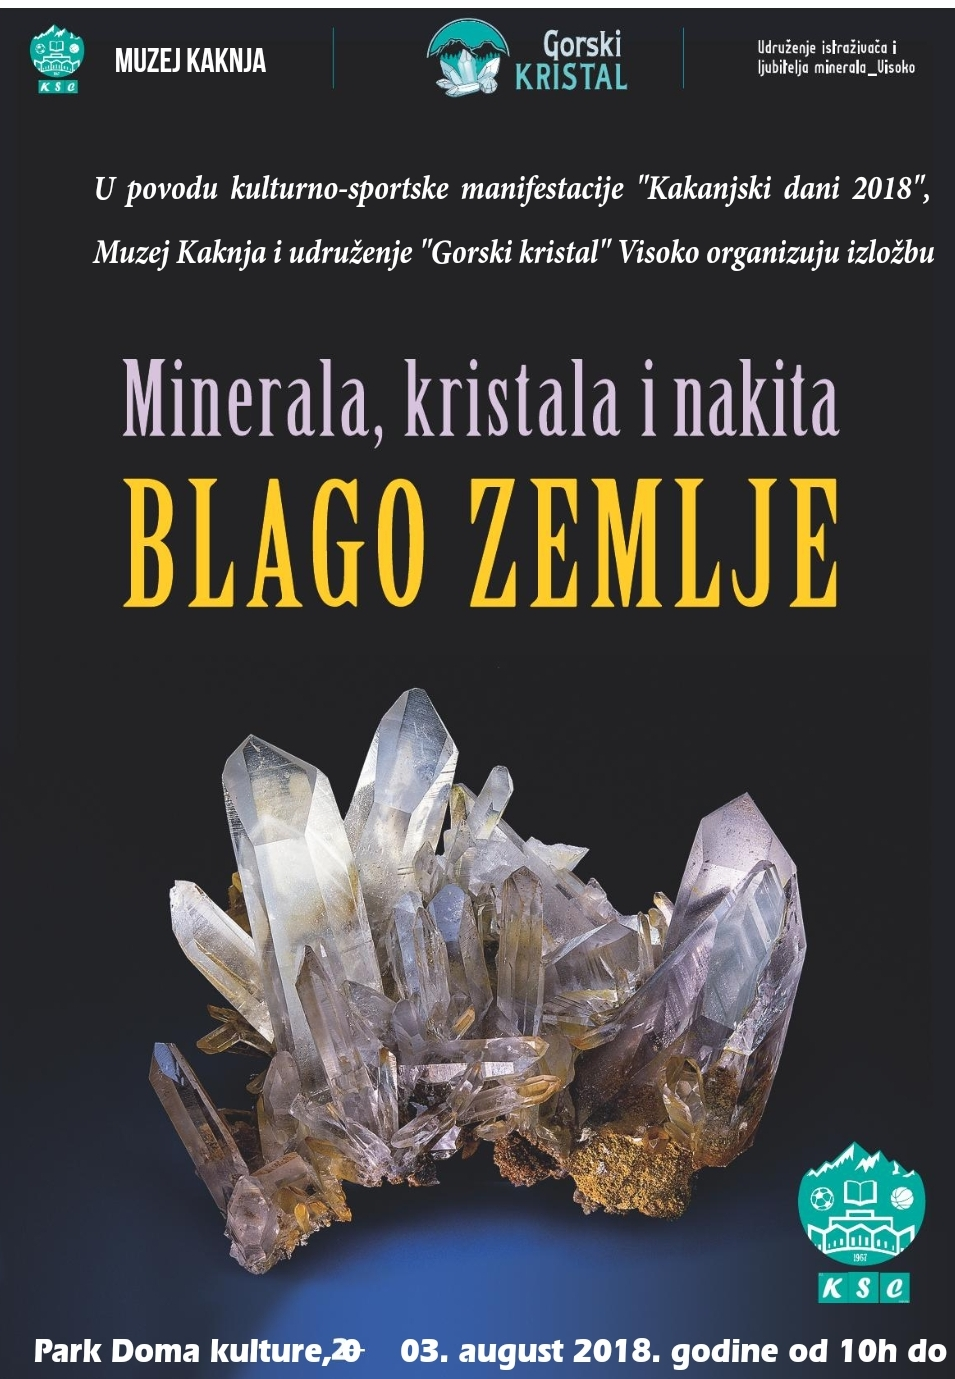 """U sklopu KD2018 dva dana će trajati """"Međunarodni sajam minerala, stijena, fosila, dragog i poludragog kamenja"""" – BLAGO ZEMLJE"""